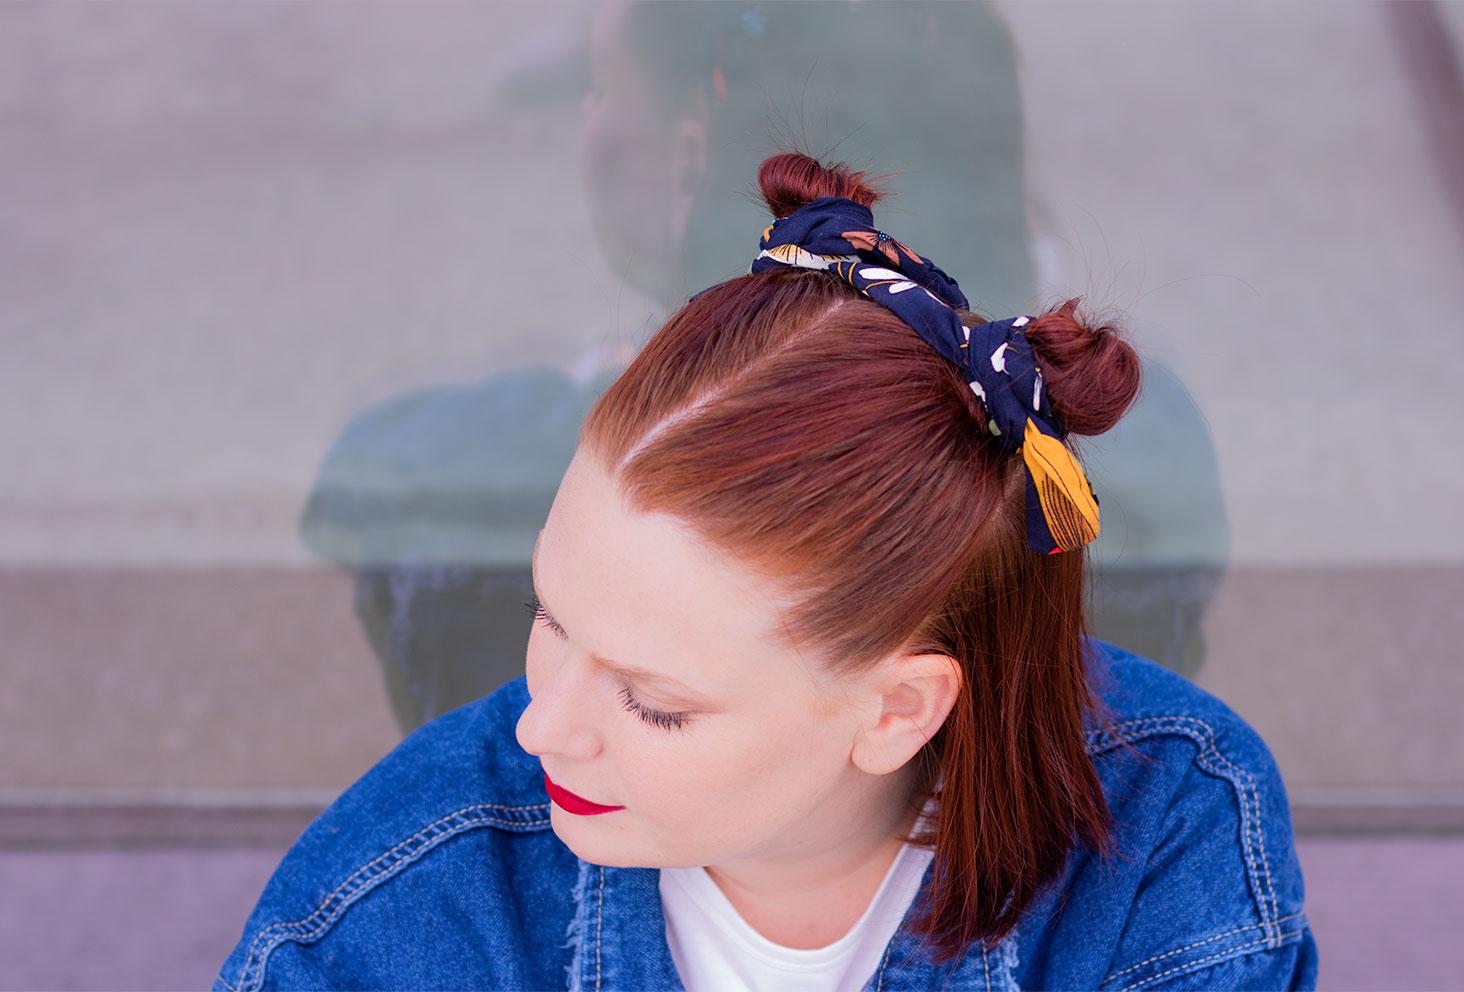 Des chignons sur la tête enroulé dans des headband bleus et jaune moutarde, la tête baissée vers le bas en veste en jean